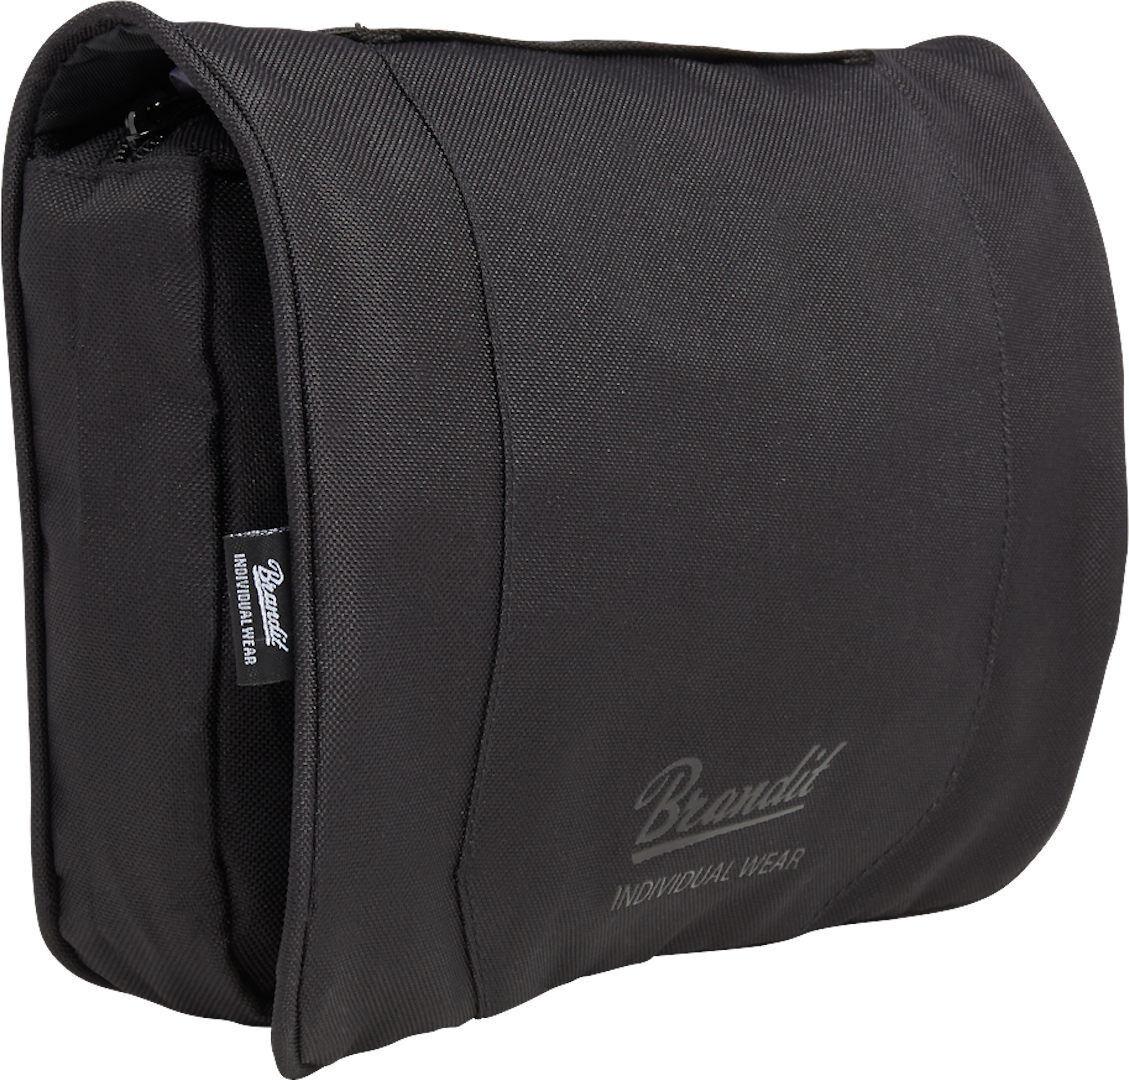 Brandit Large Toiletti laukku  - Musta - Size: yksi koko